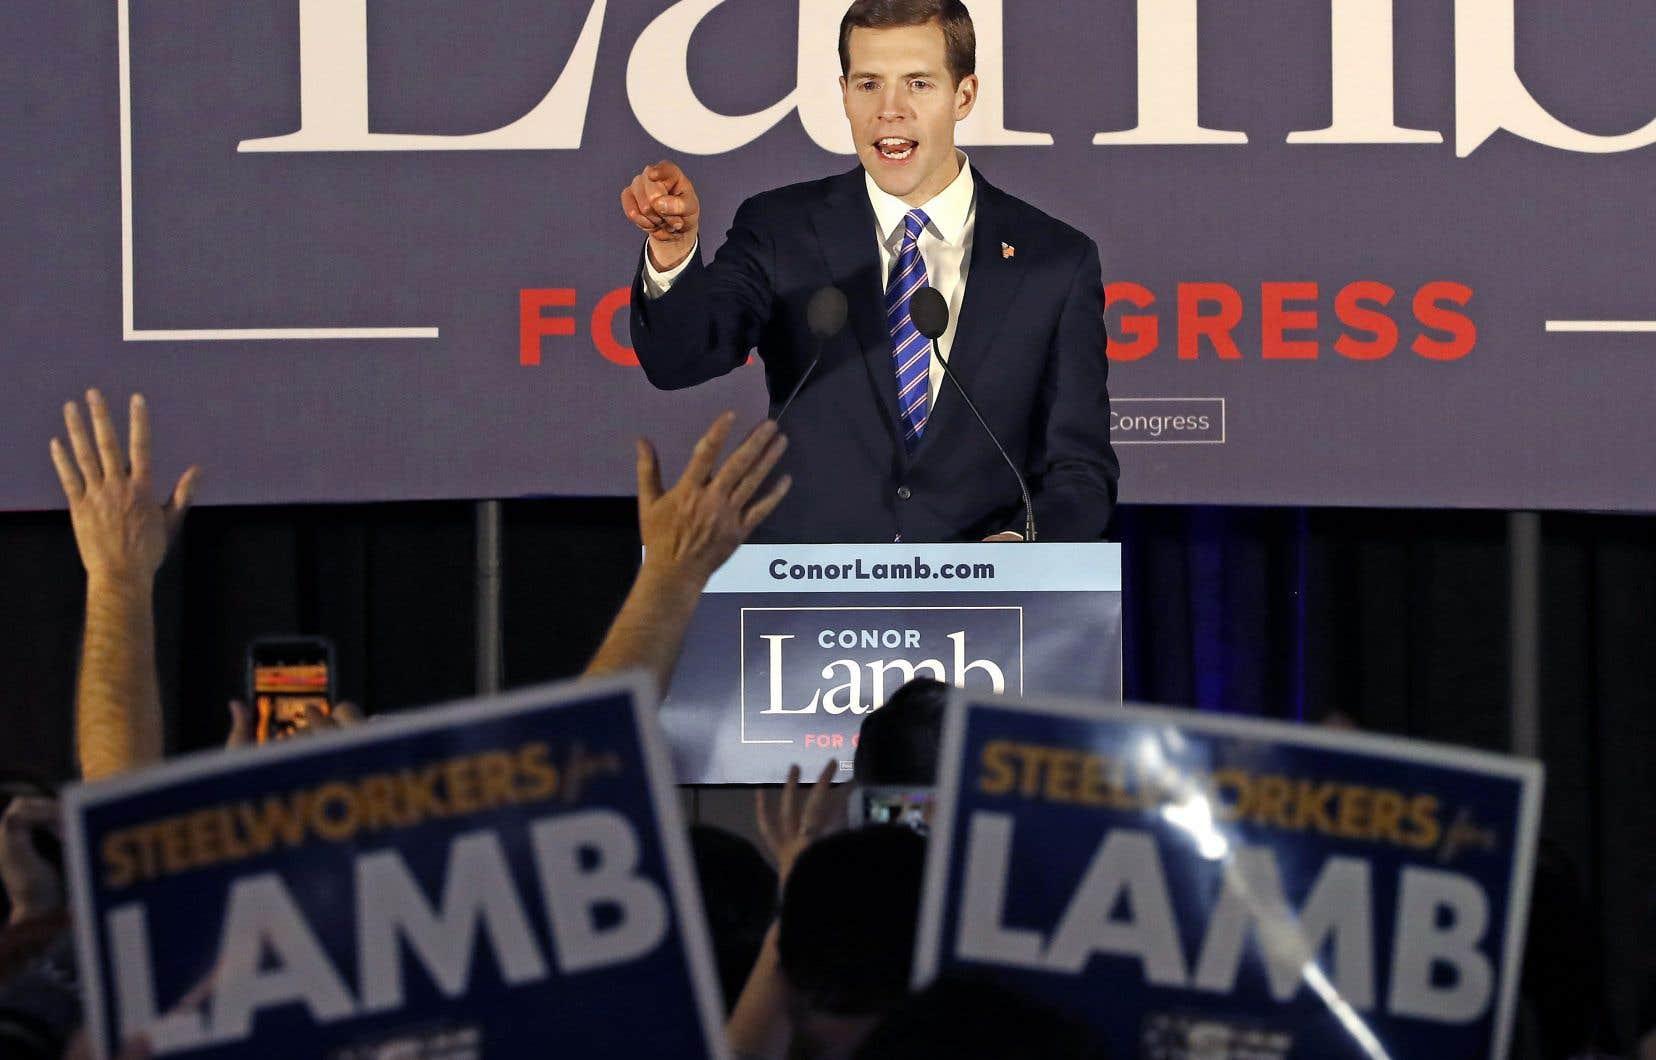 Les instances nationales démocrates ont applaudi à l'élection de Conor Lamb lors d'une élection récente, lui qui a appelé au renversement de la chef des démocrates à la Chambre des représentants.